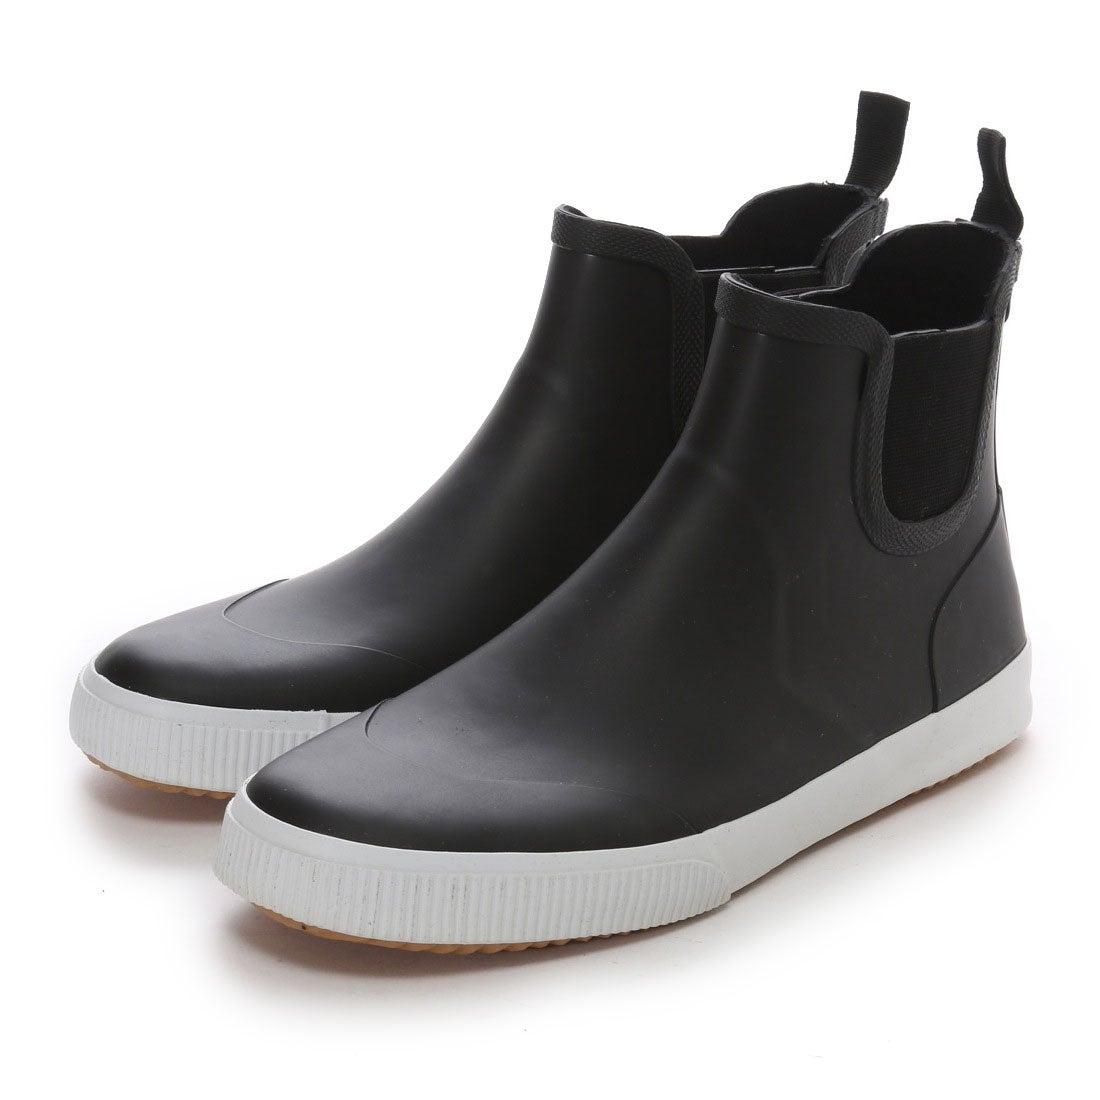 ビーシーアール BCR サイドゴアレインブーツ(BLACK) ,靴とファッションの通販サイト ロコンド